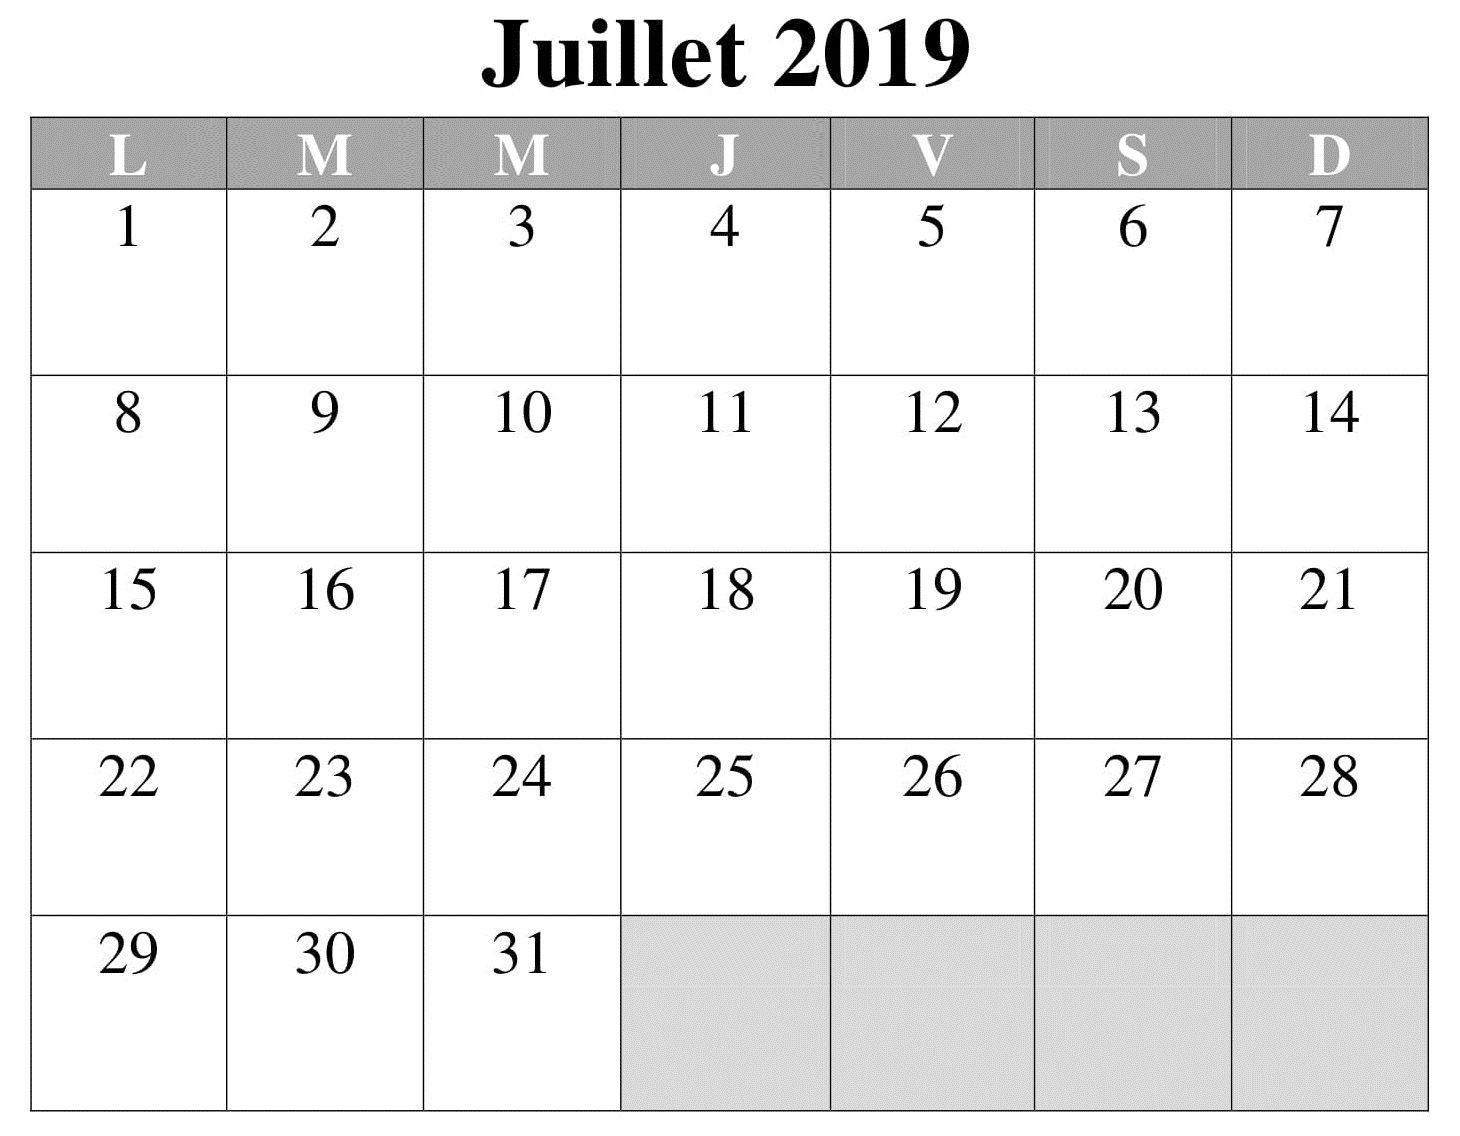 Calendrier 2019 Mois Par Mois A Imprimer.Calendrier 2019 Editable Juillet A Imprimer Gratuit